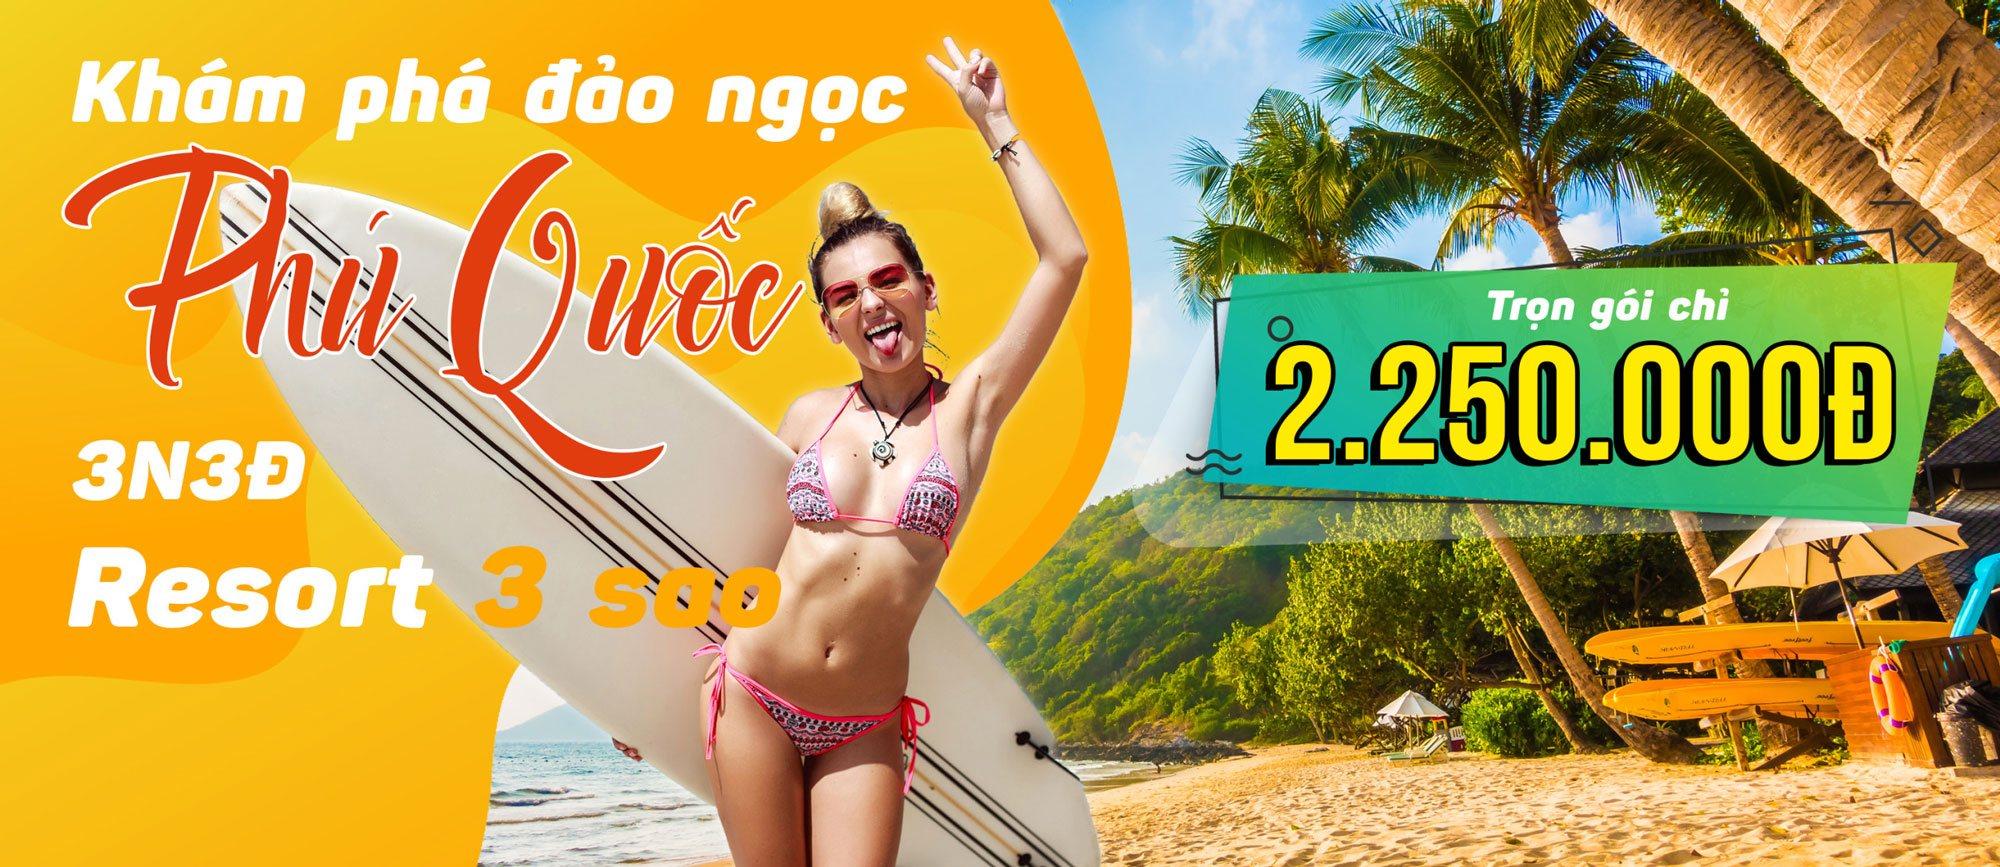 Phú Quốc 3 ngày 3 đêm resort 3 sao